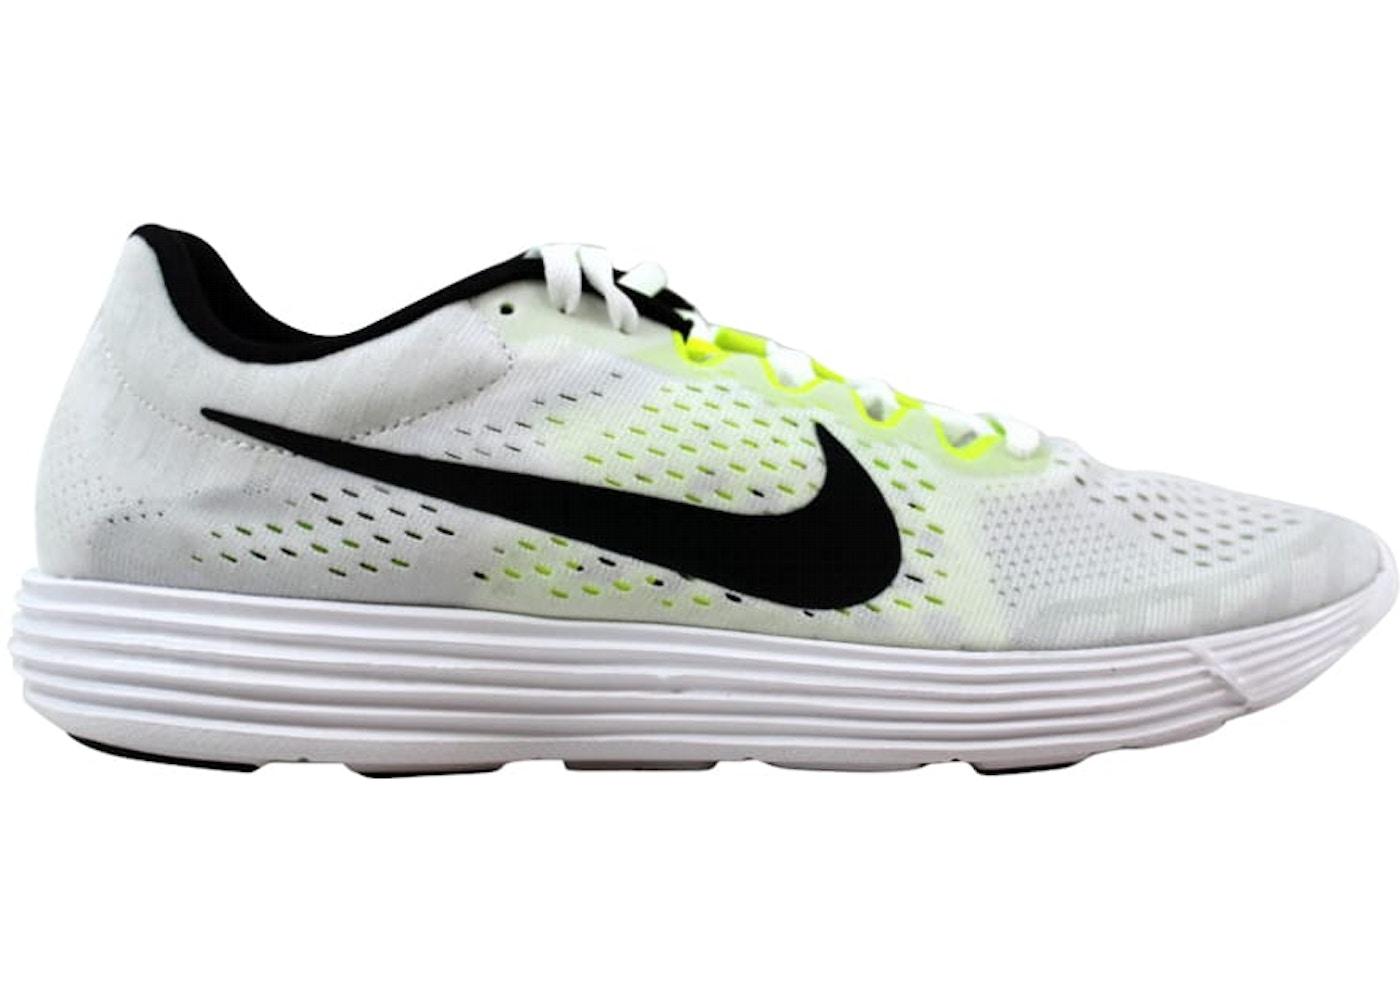 ab3c050fef Nike Lunaracer 4 White Black-Volt - 844562-107